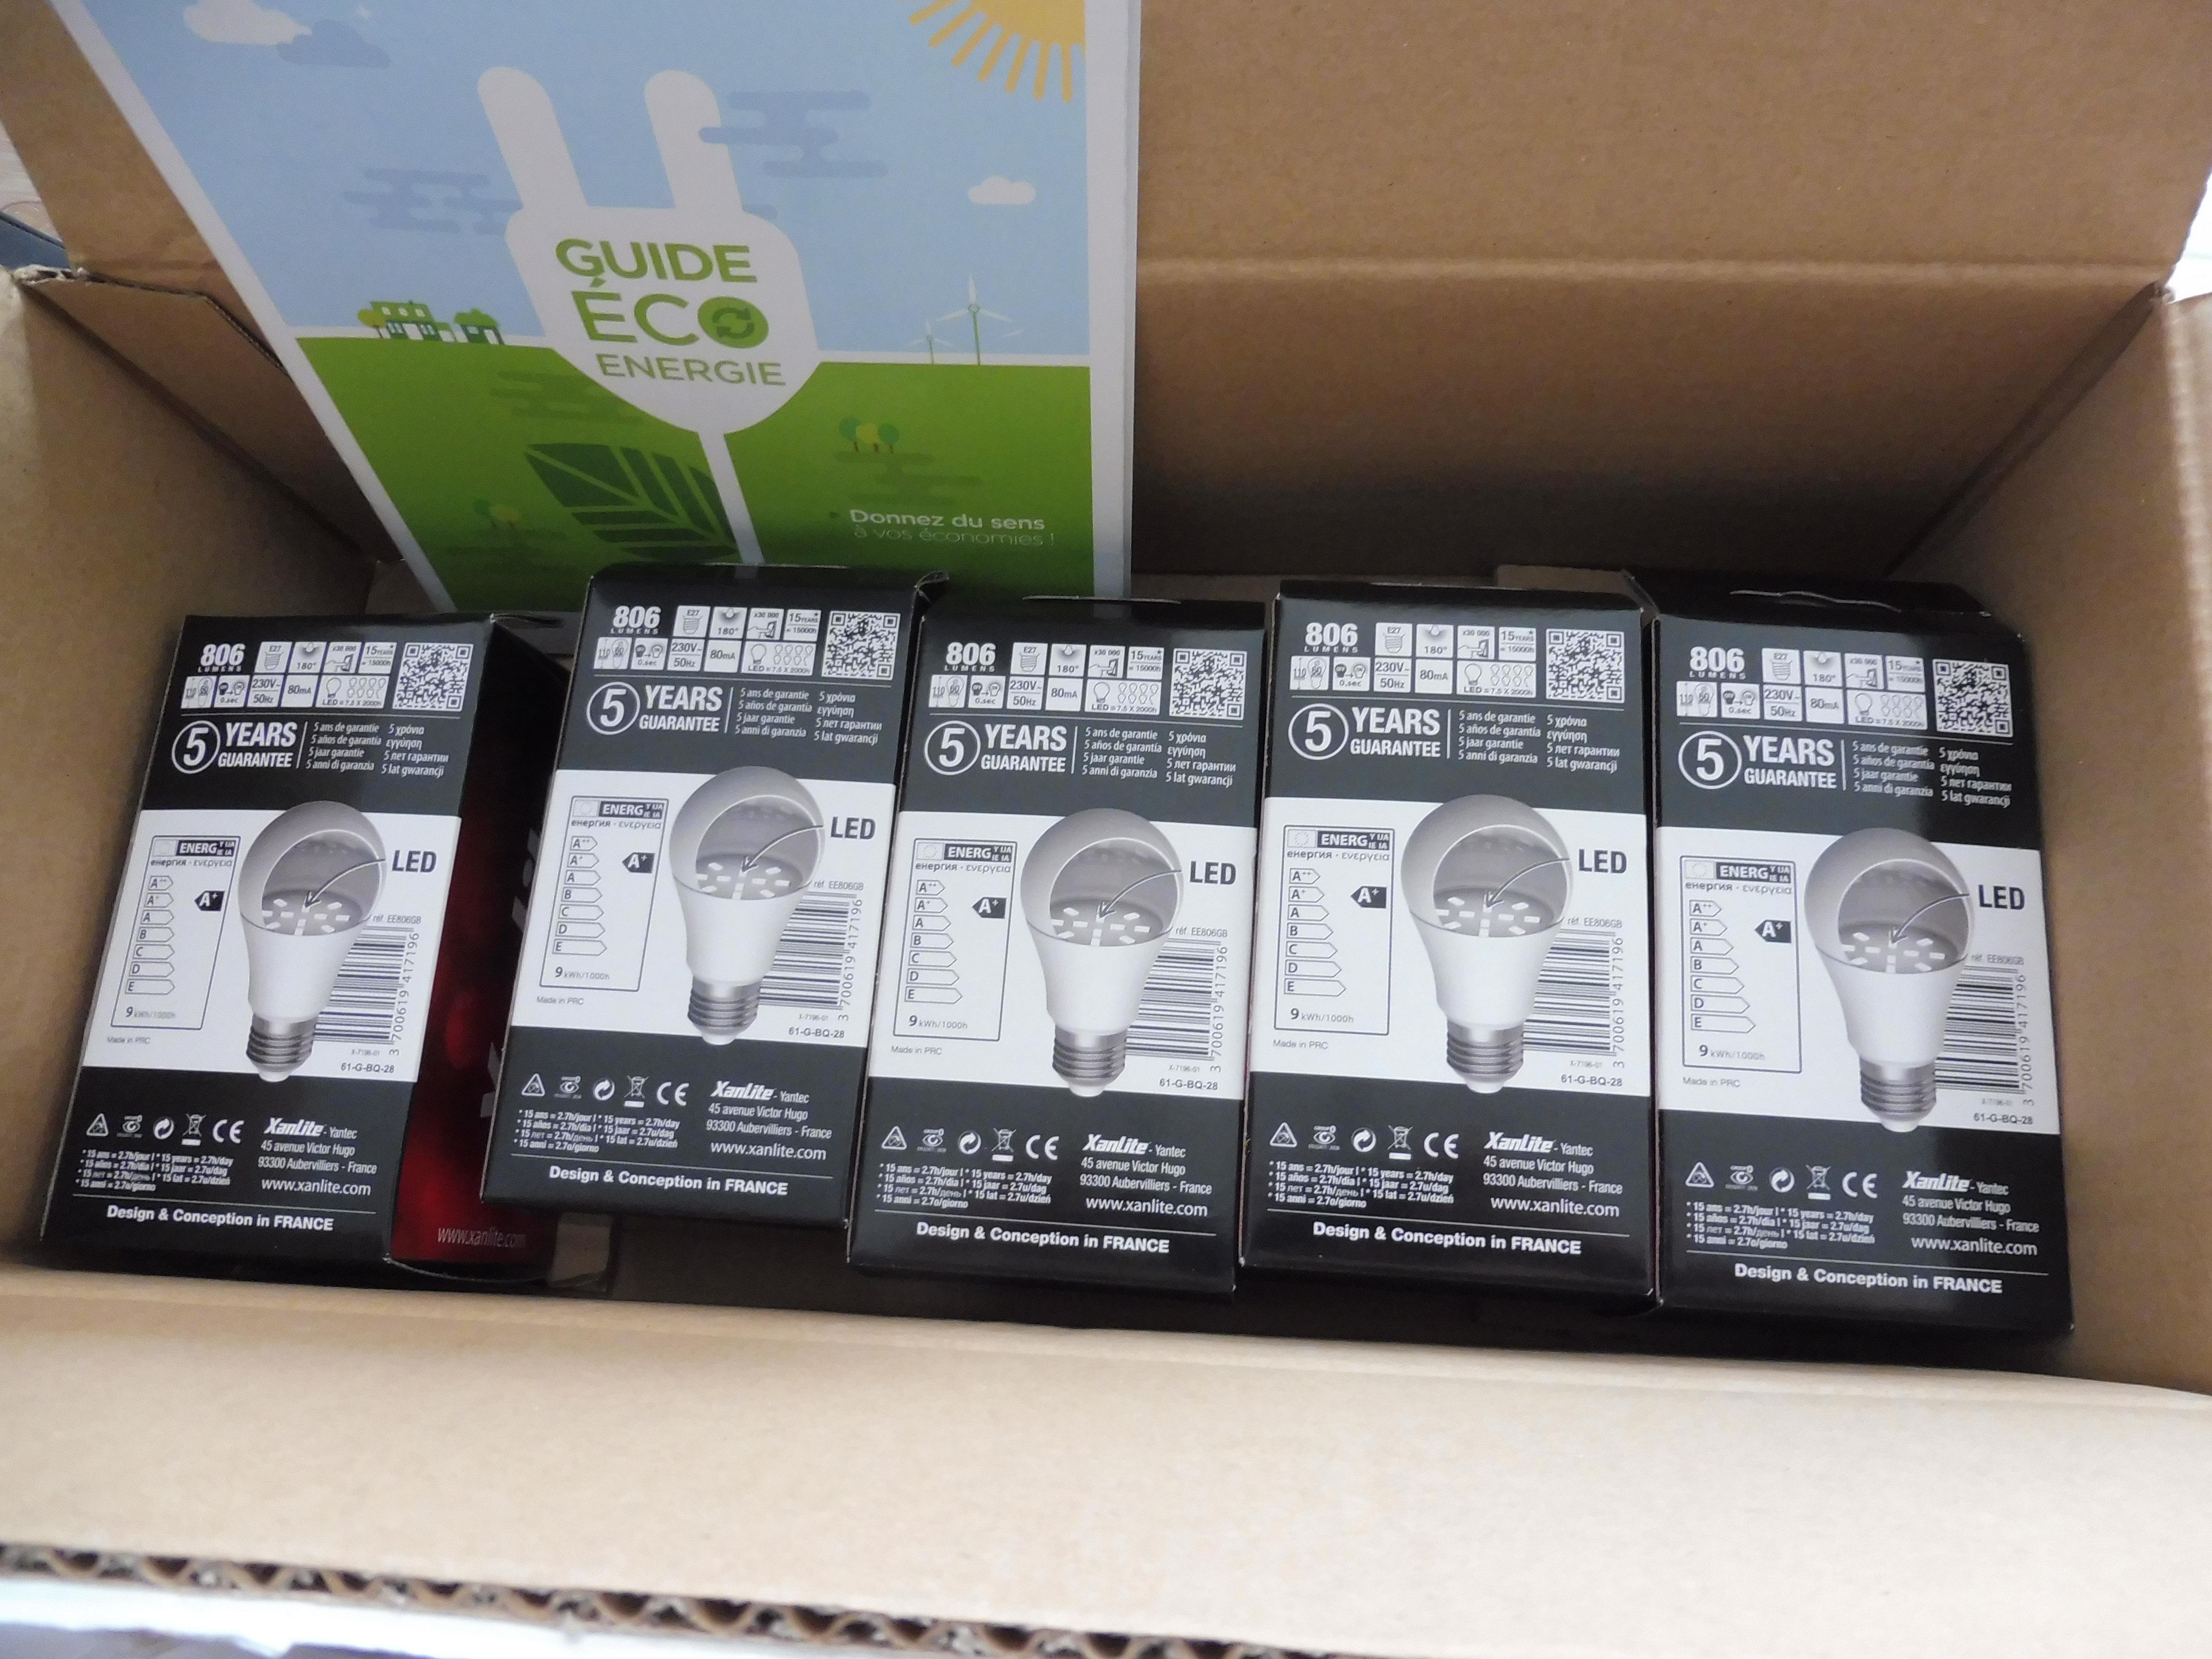 Kit eco energie offert par auchan attention dernier jours emilie vous dit tout - Auchan prime eco energie ...